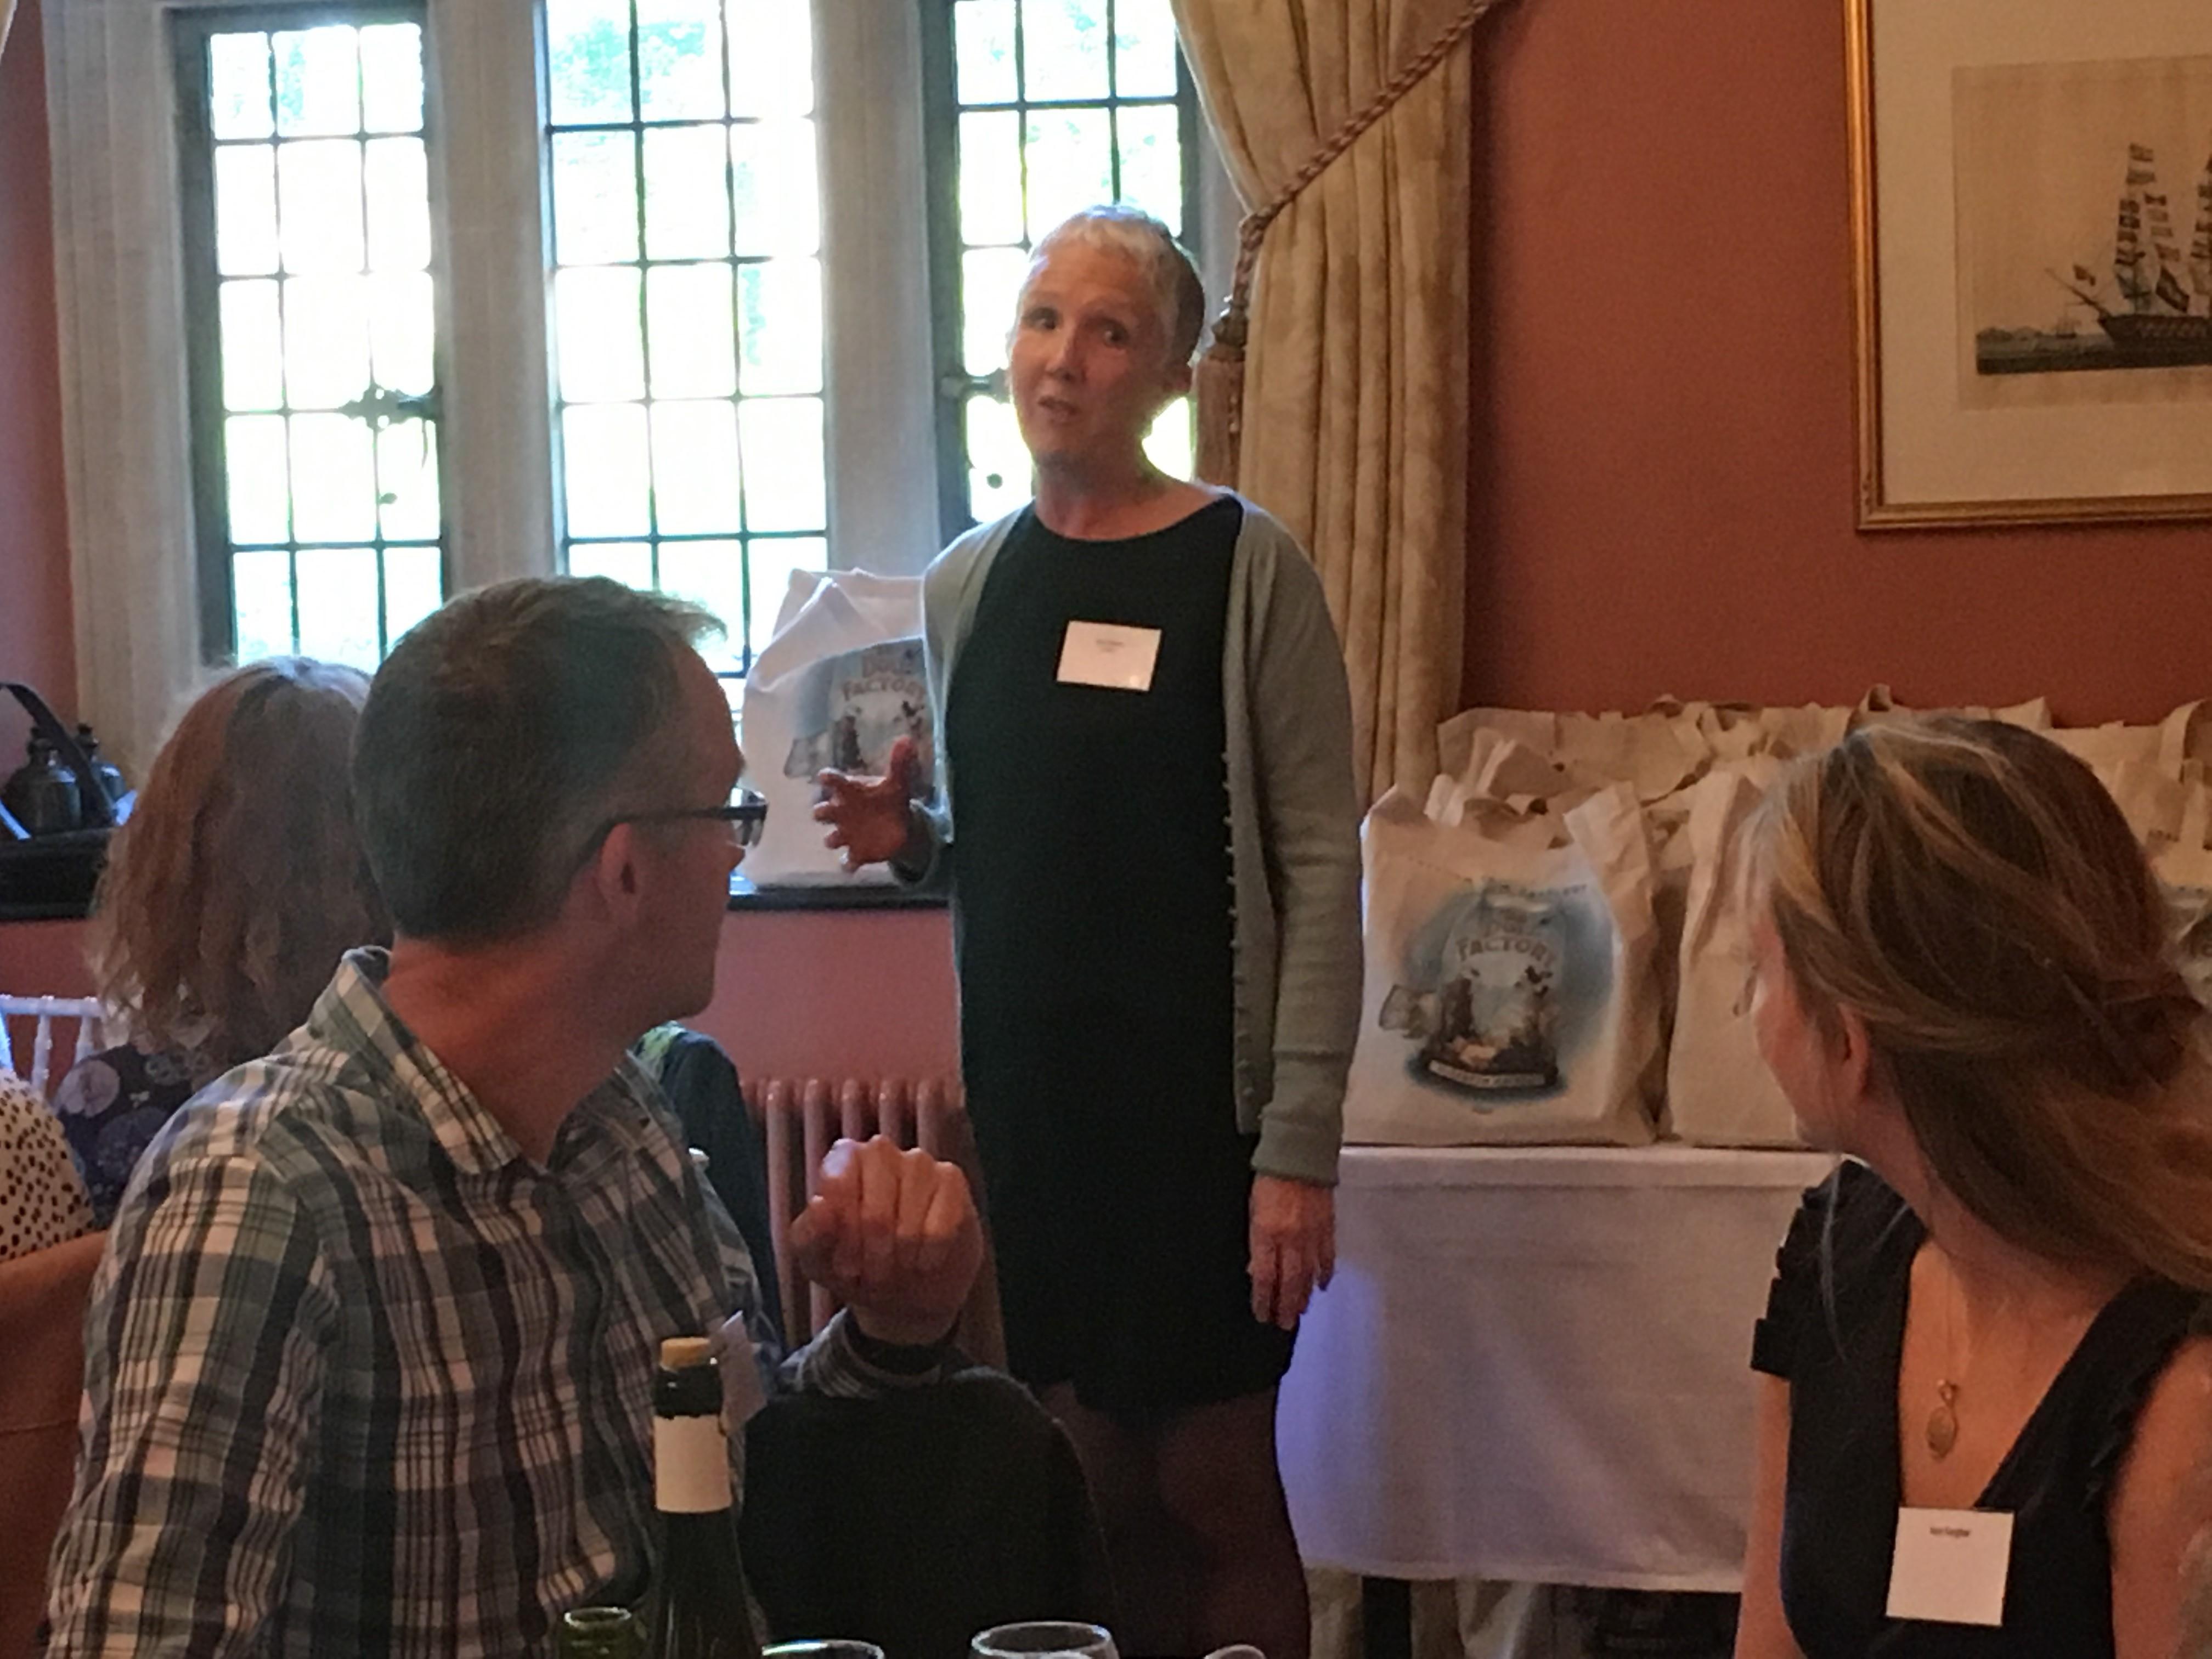 Ann Cleeves at Corsham Bookshop (June 2019)